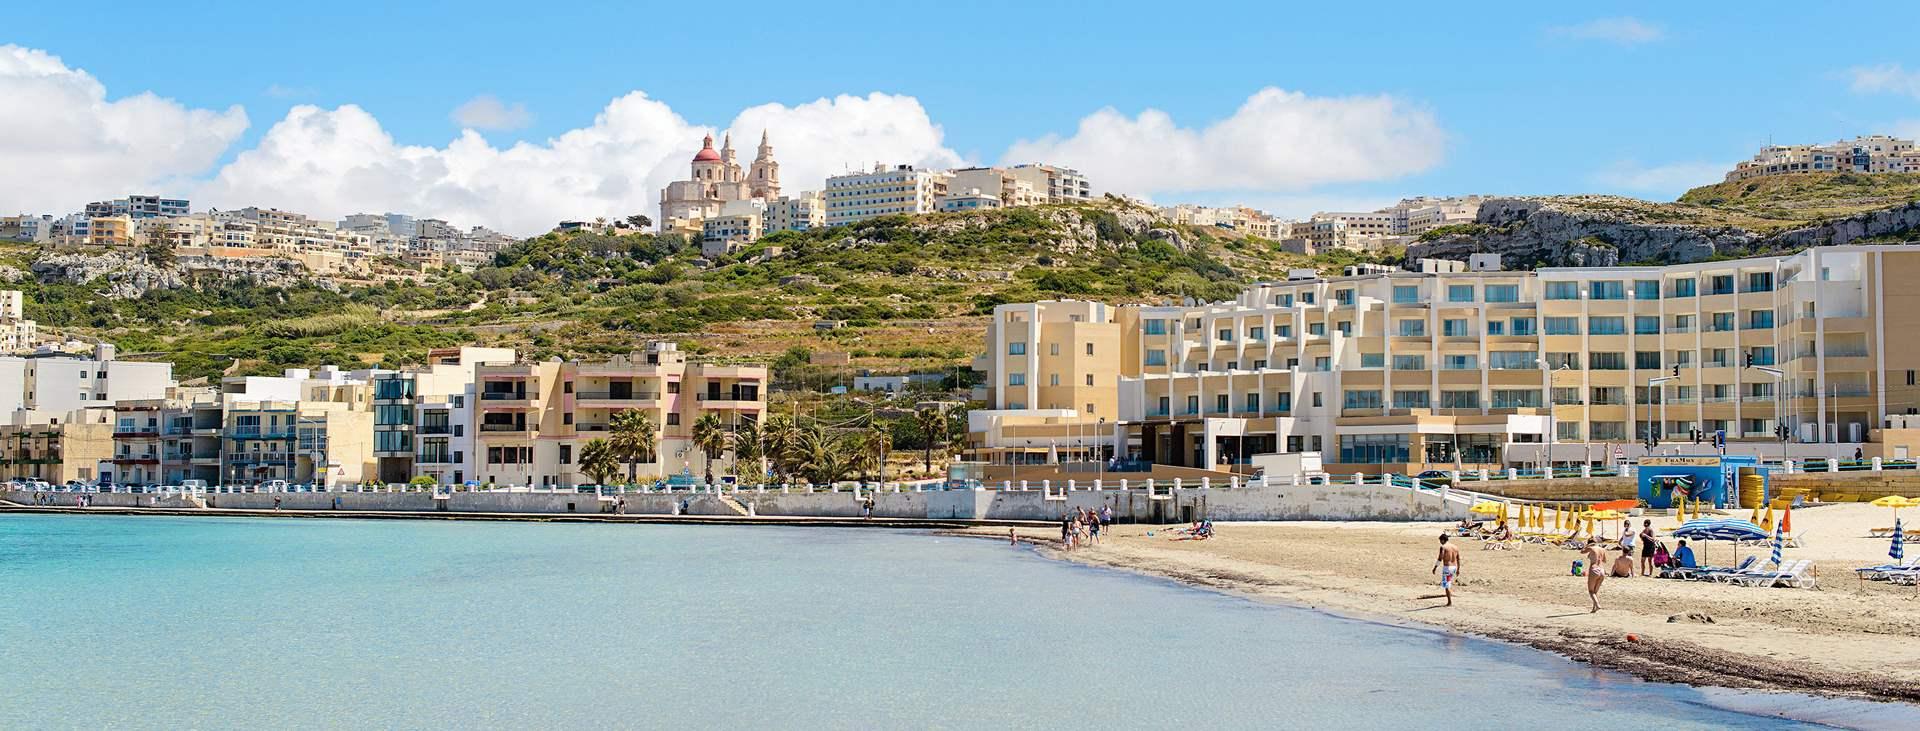 Tjäreborgin kautta matkoja myös Melliehaan, Maltalle